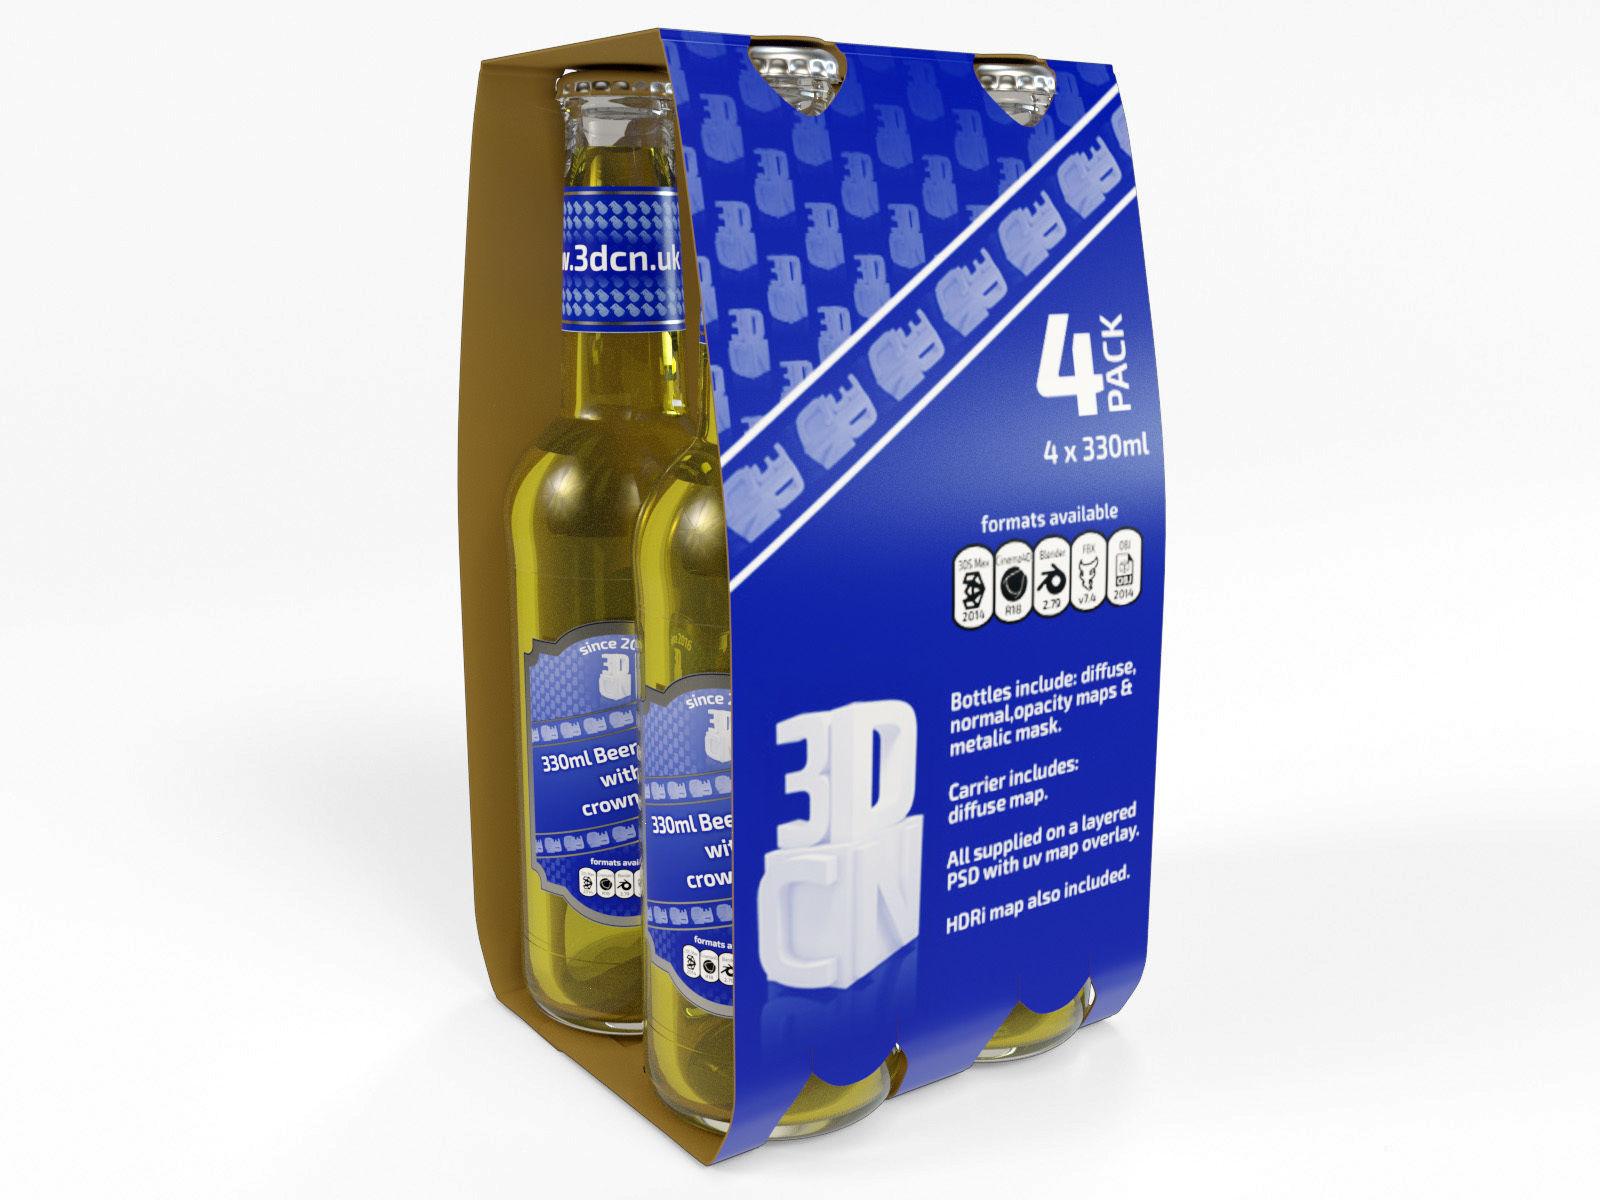 4 pack beer carrier 330ml